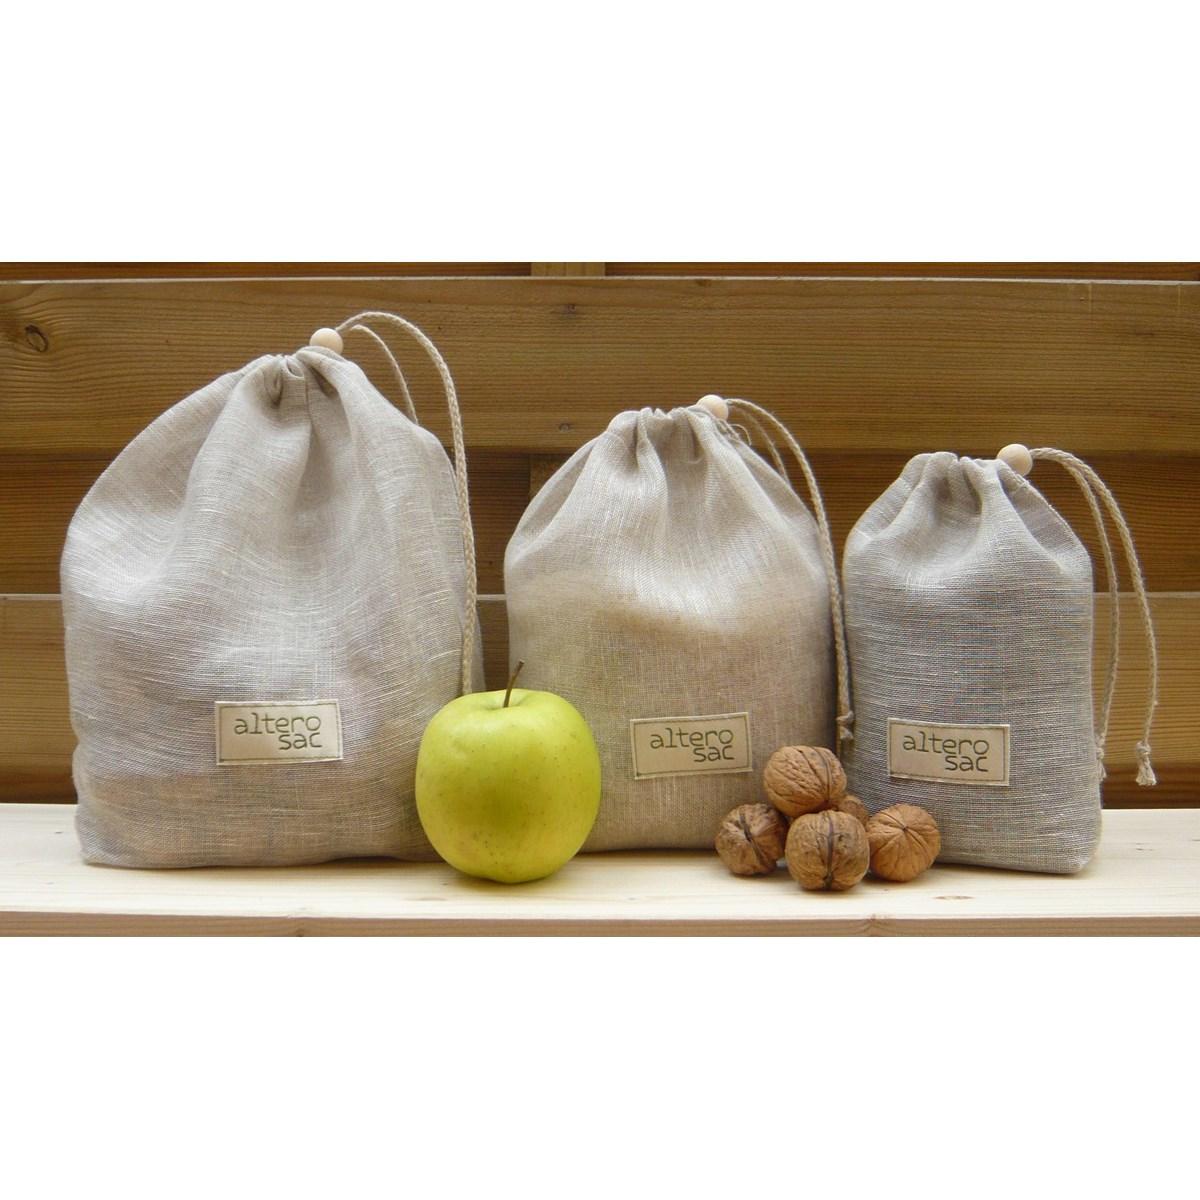 Des sacs à vrac en tissu permettent de faire des courses zéro déchet.